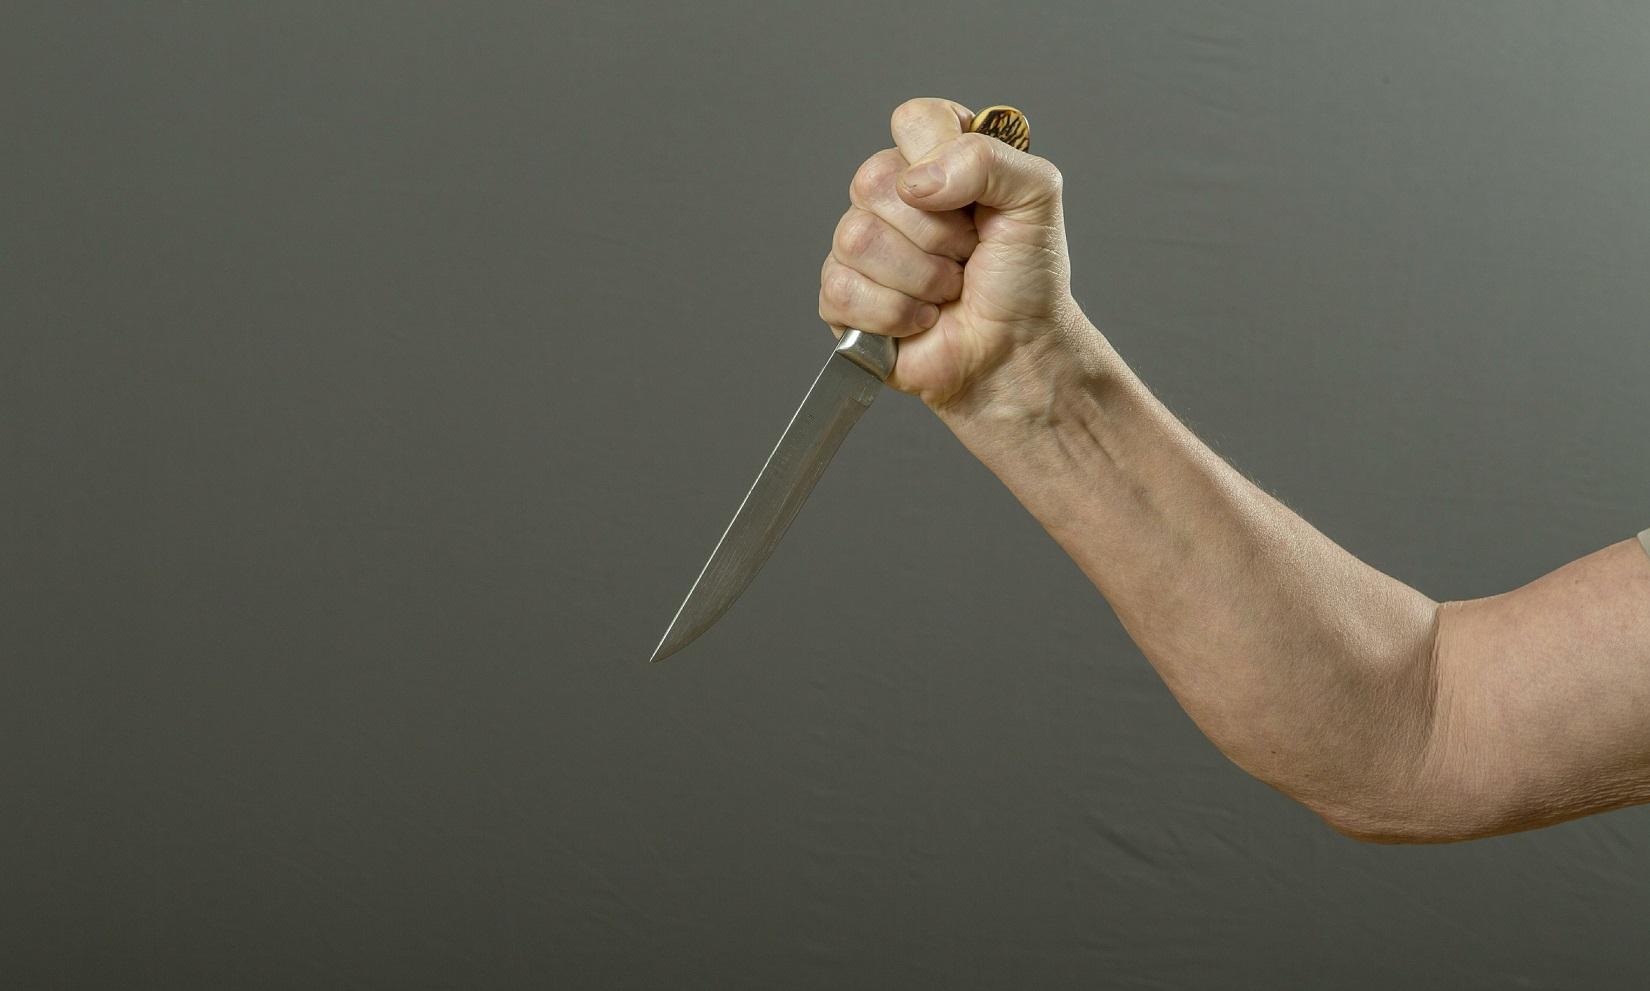 Под Волгоградом женщина ударила ножом сожителя зато, что онбезработный